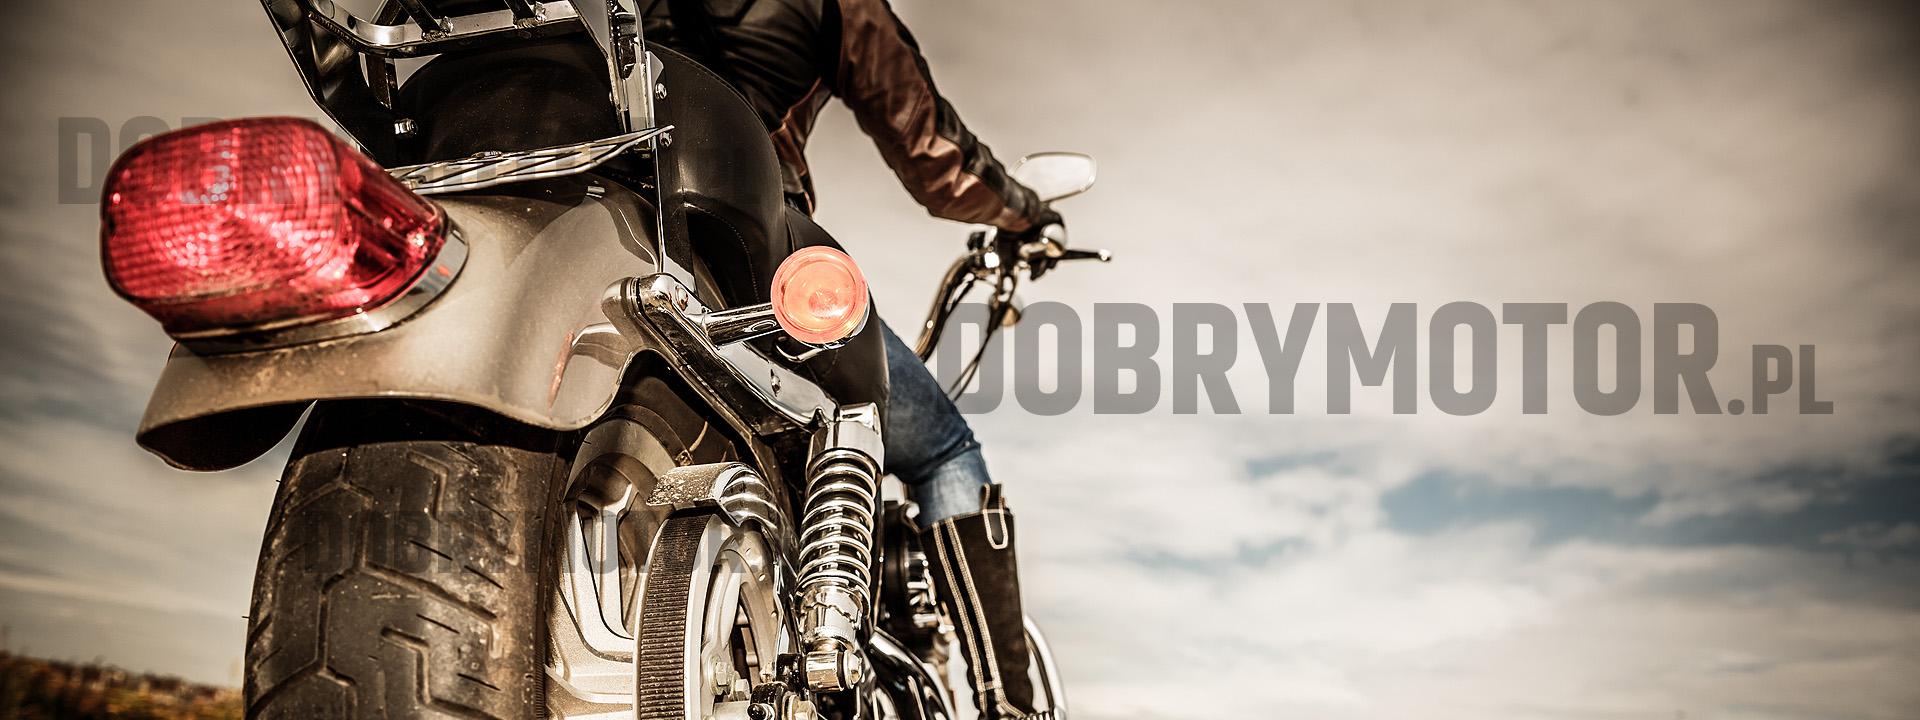 Porady Motocyklowe